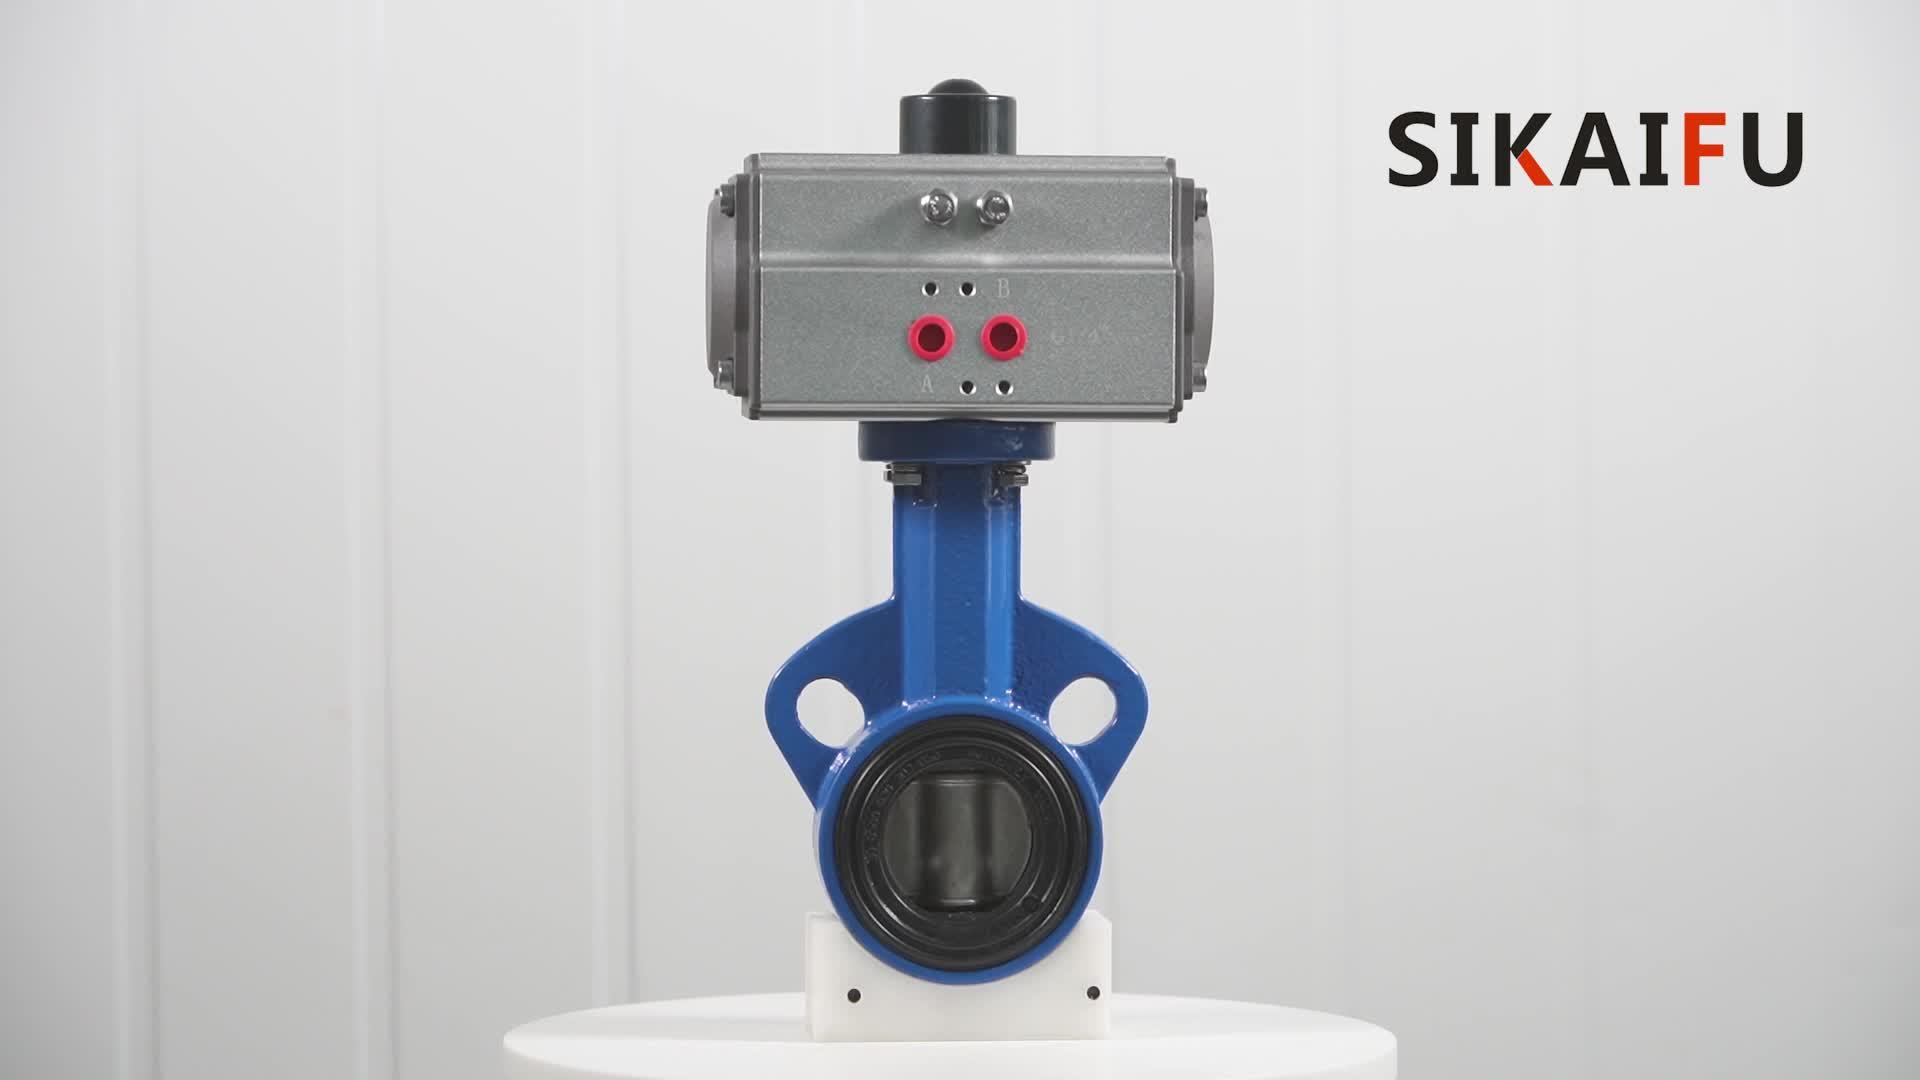 도매 웨이퍼 형 DN50 스테인리스 전동 공압 밸브